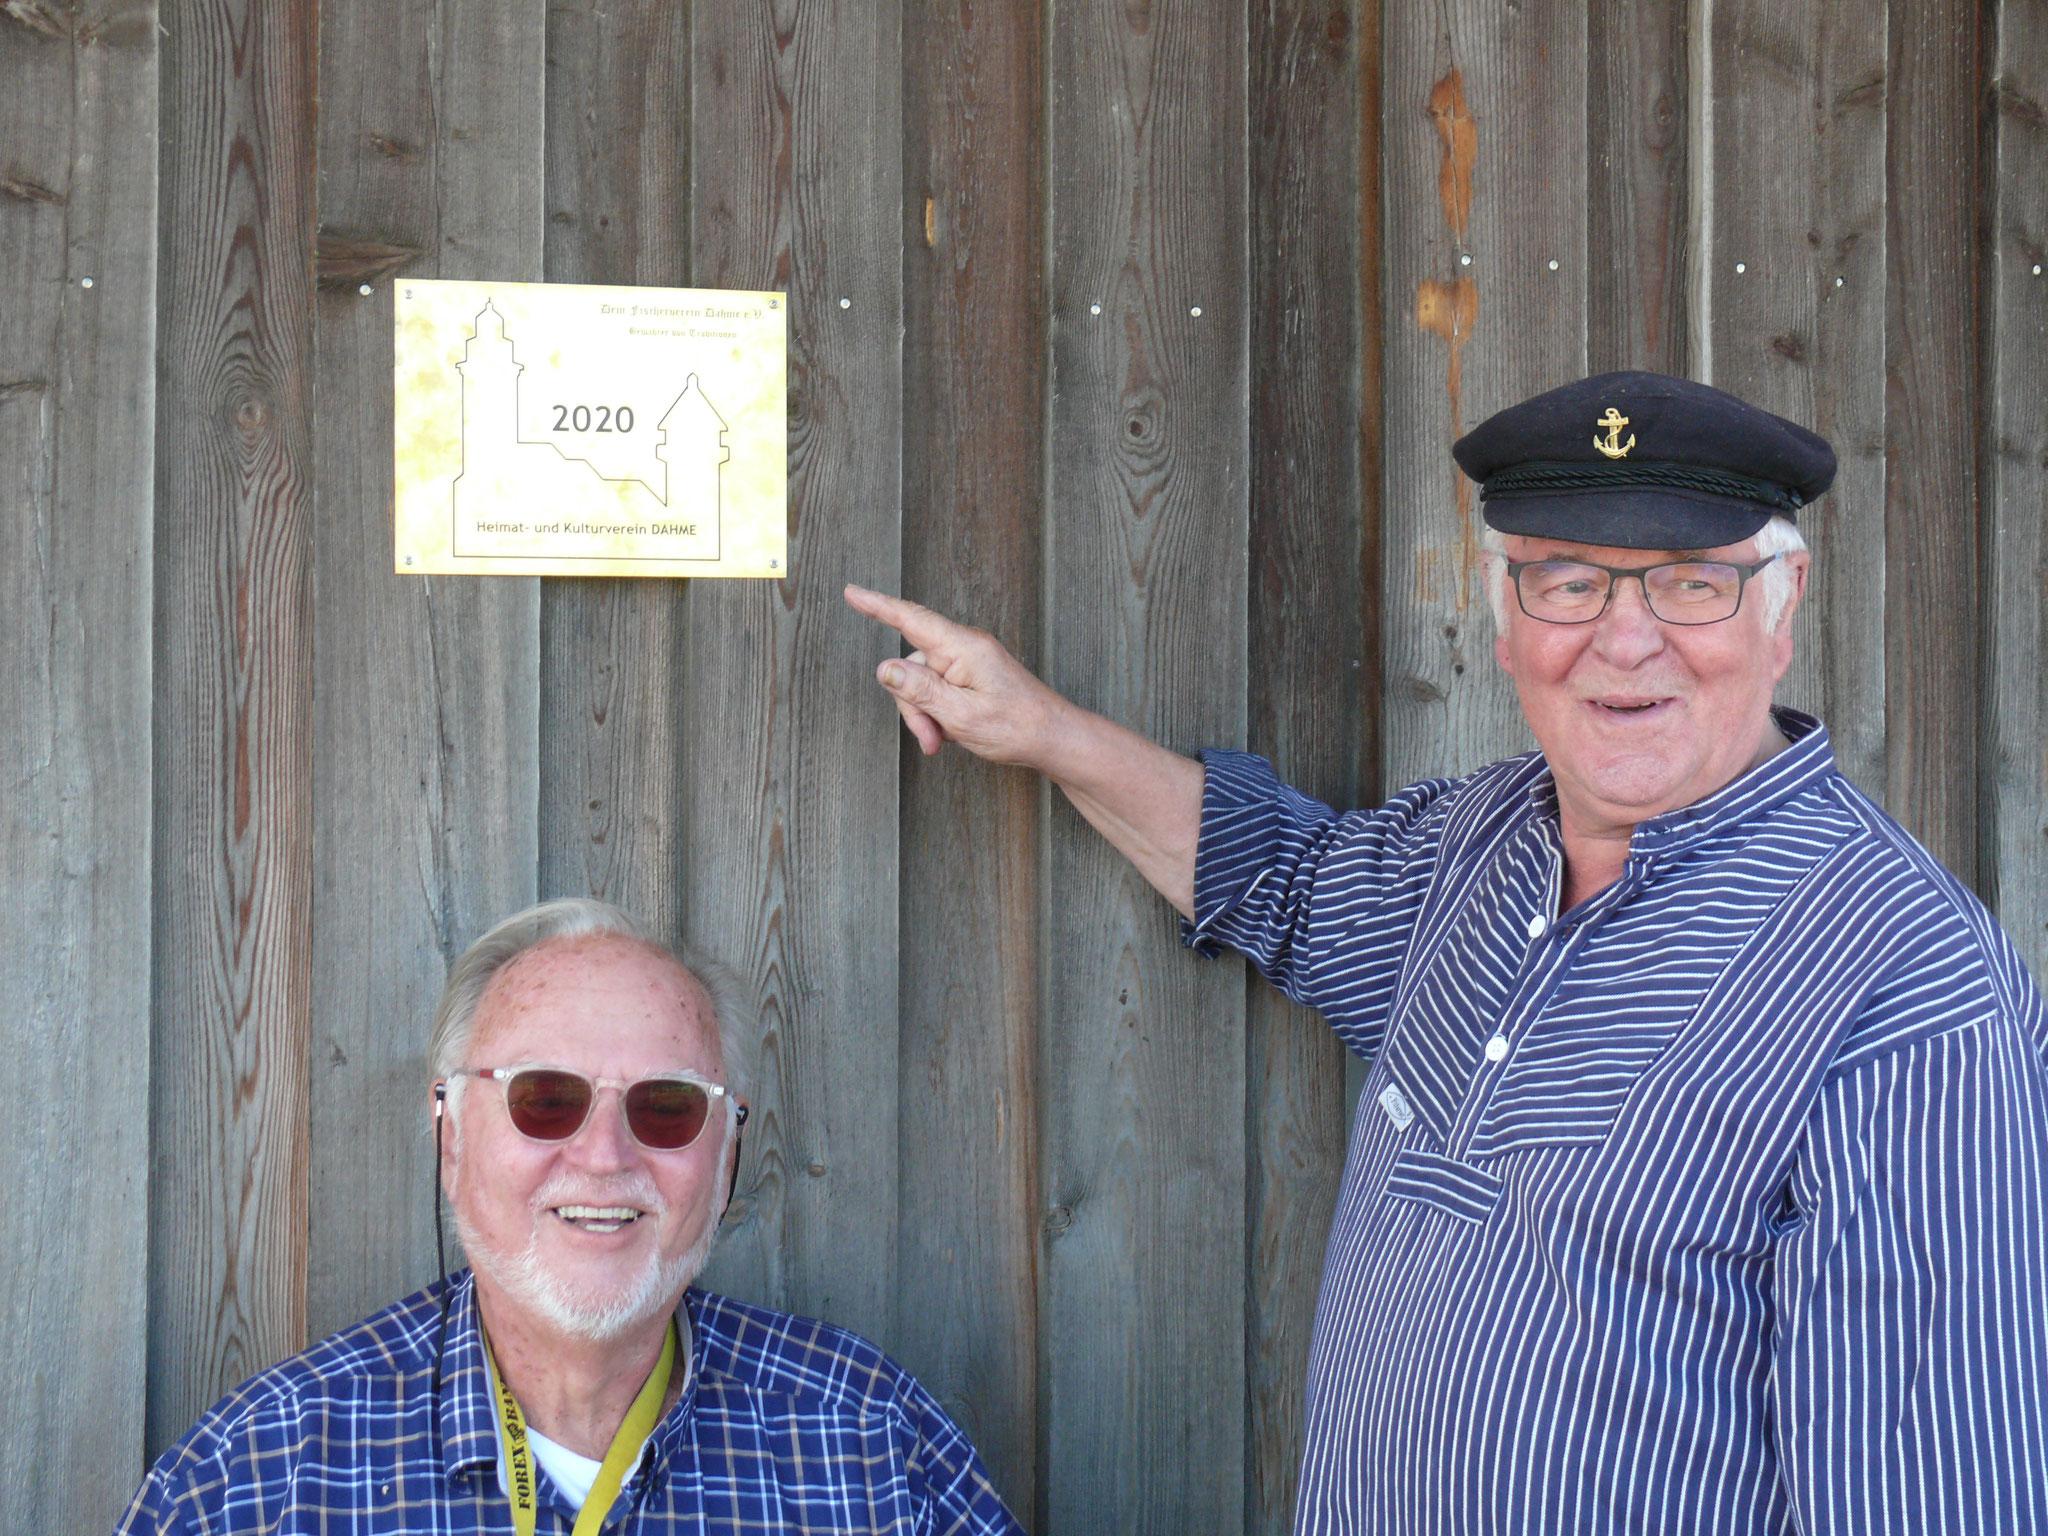 Die Vorsitzenden vom Heimat- und Kulturverein, Jürgen Möller (links), und Fischerverein, Rudi Höppner (rechts), vor der Auszeichnungsplakette.